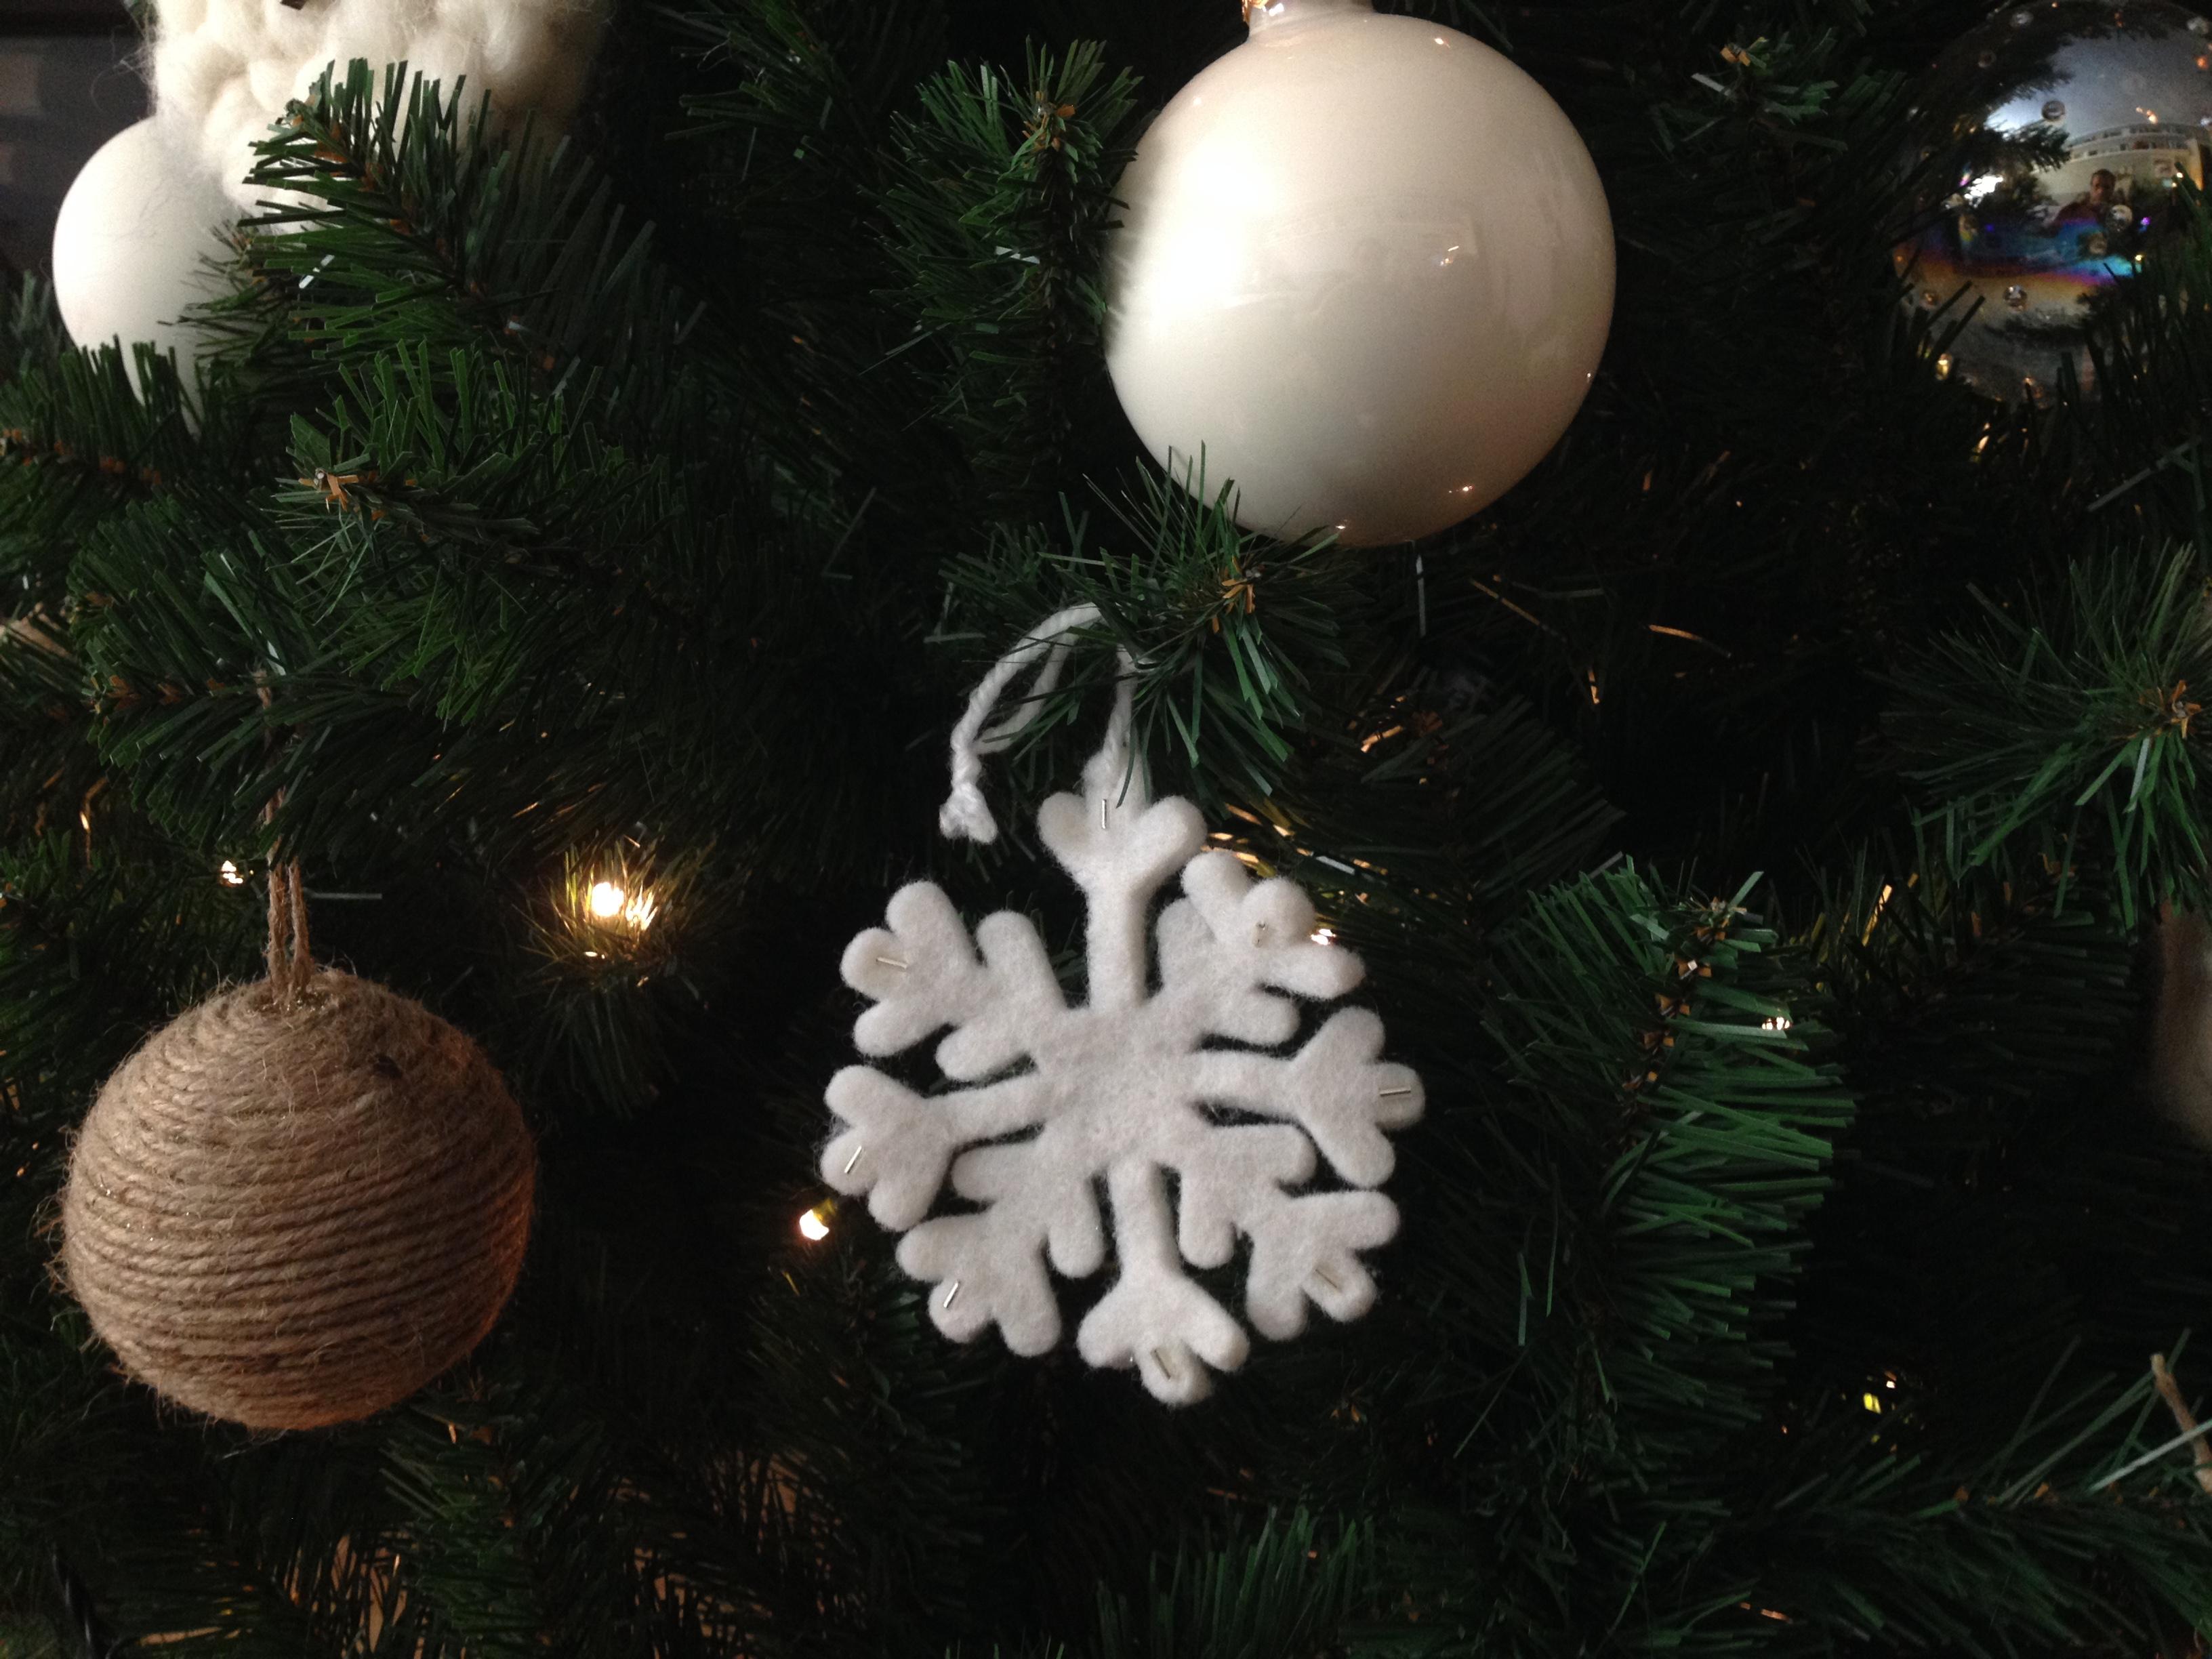 Aprovecho para deciros que ¡a mi sí me gusta la Navidad!